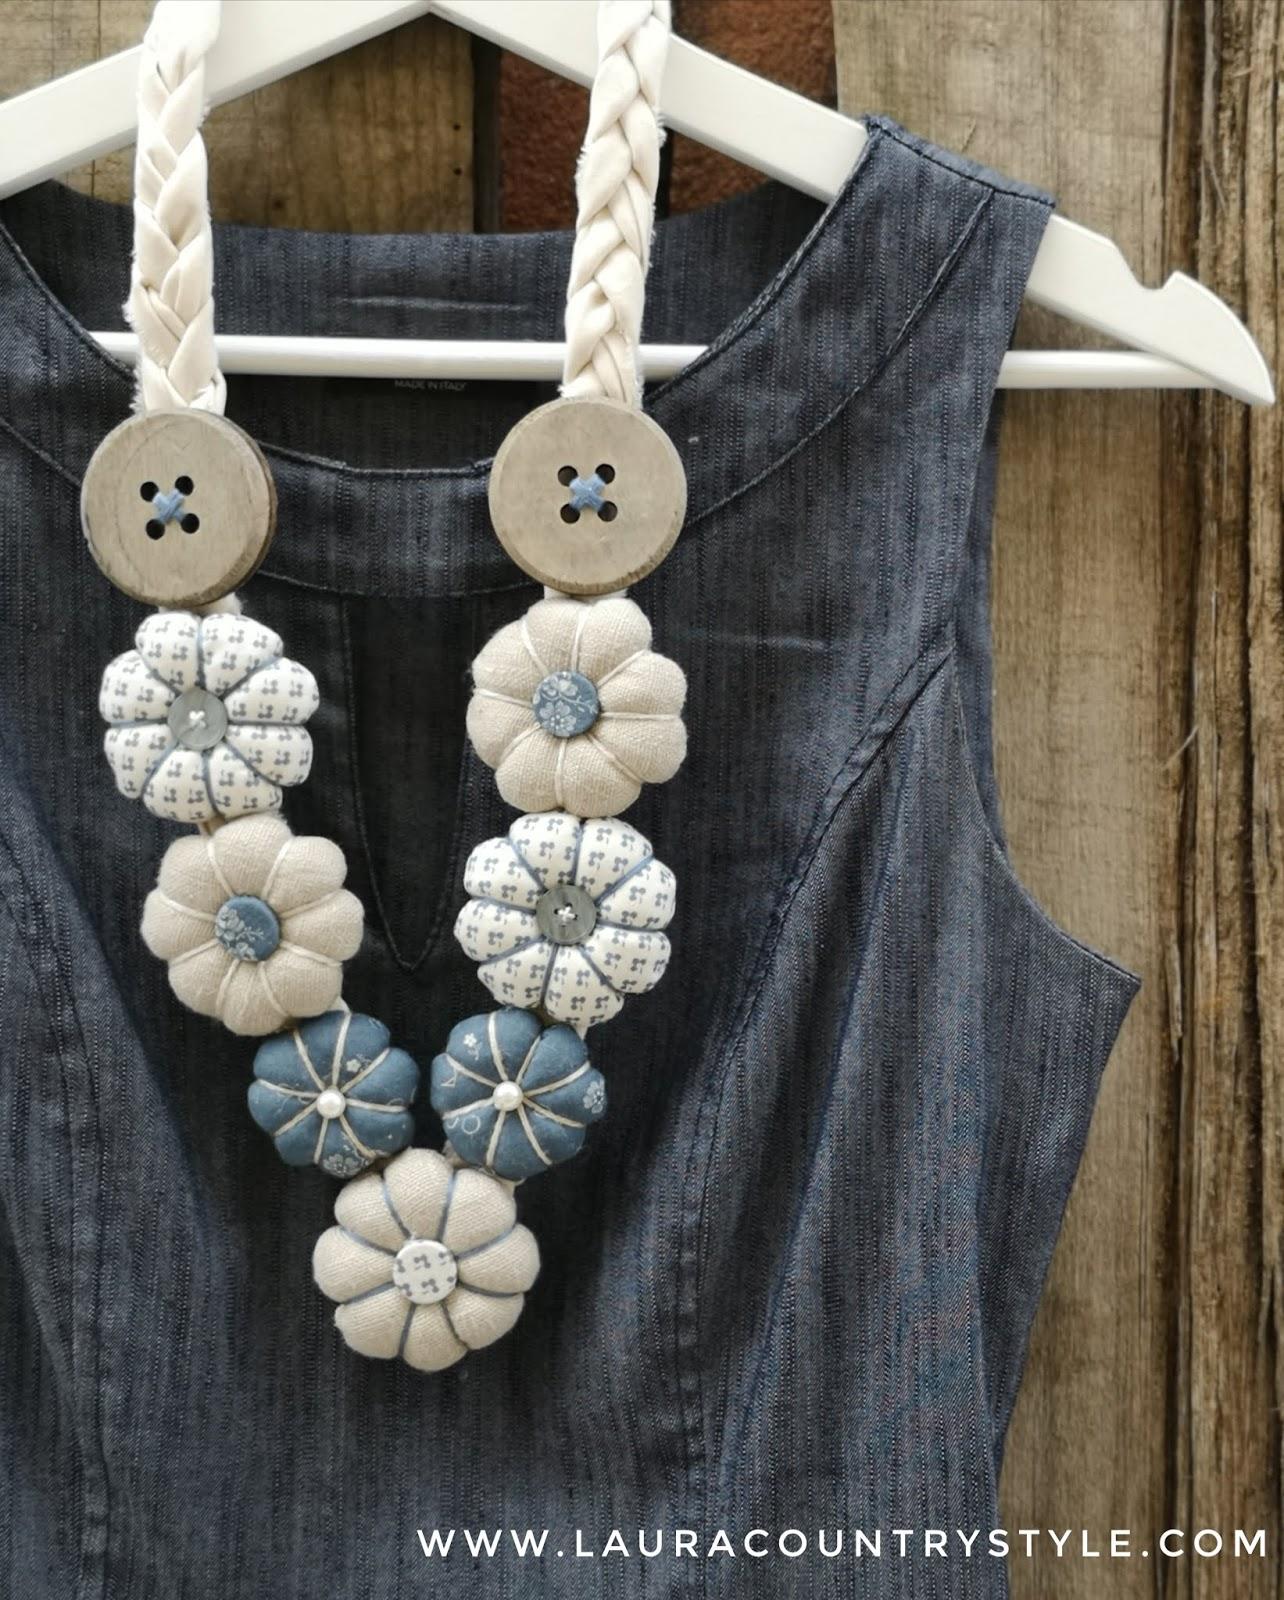 bene fuori x all'avanguardia dei tempi varietà di design Laura country style: Coastal necklace